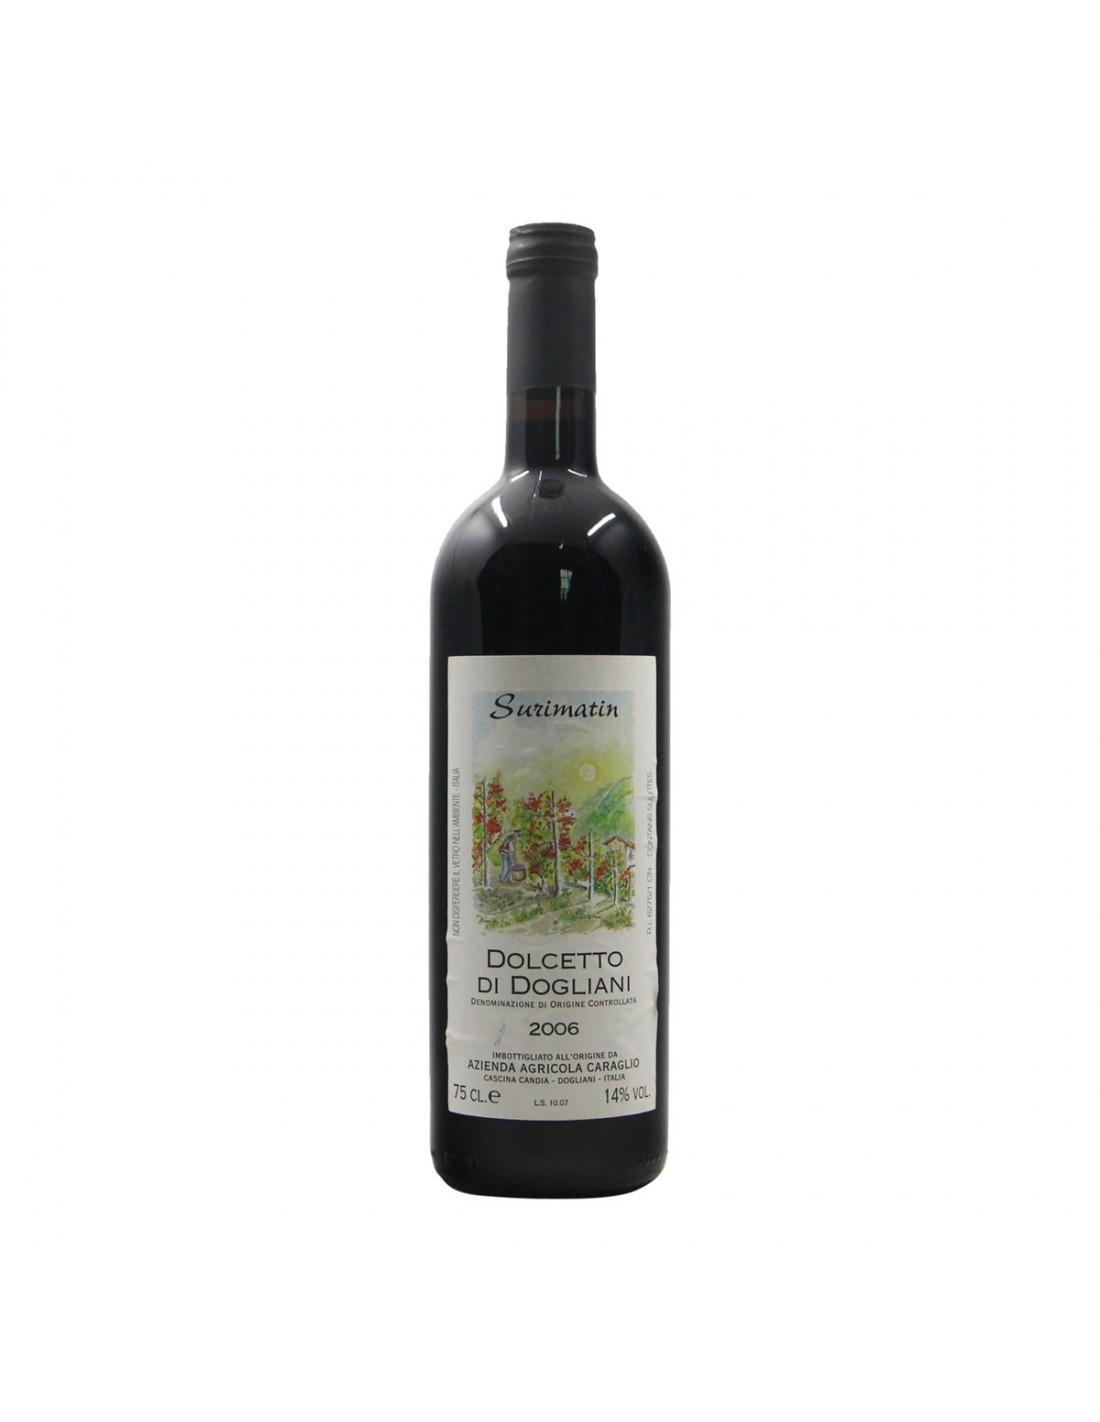 DOLCETTO DI DOGLIANI 2006 CARAGLIO Grandi Bottiglie